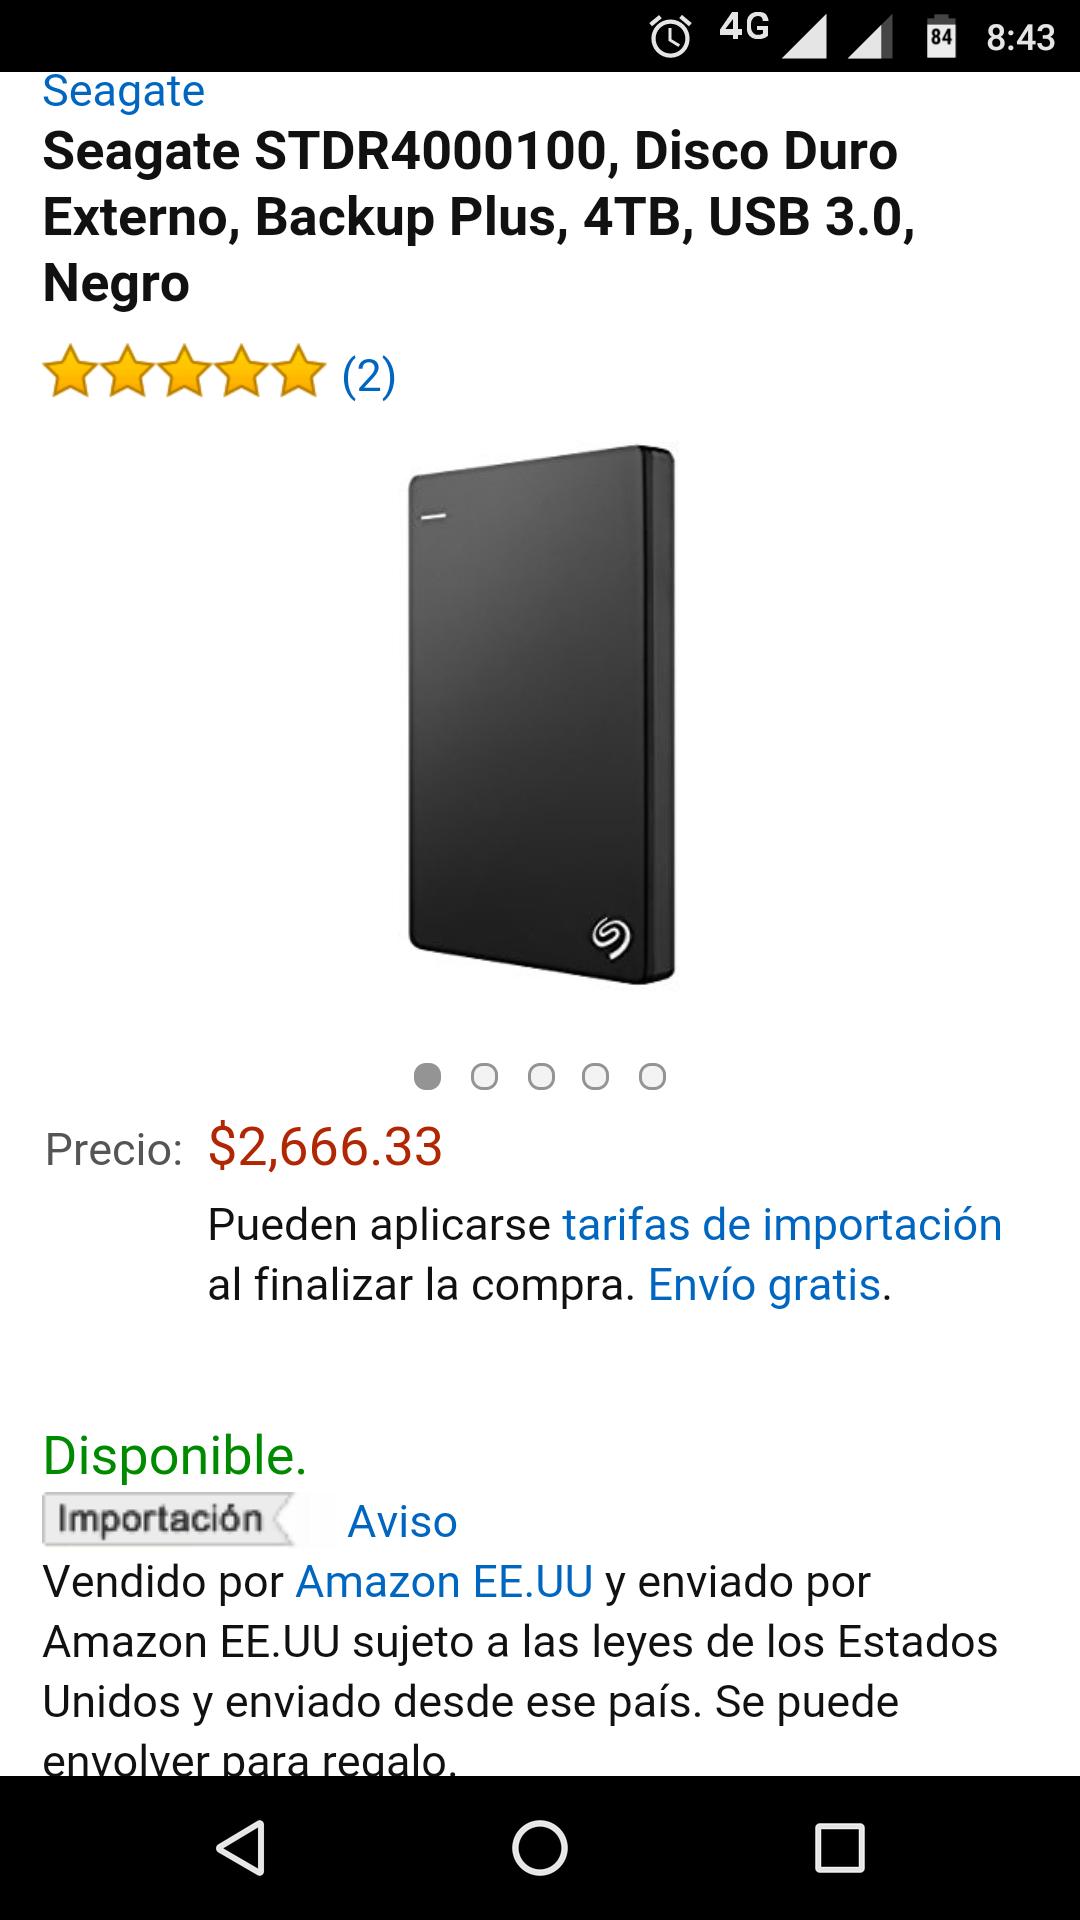 AMAZON: Disco duro portátil 4TB Seagate Seagate STDR4000100